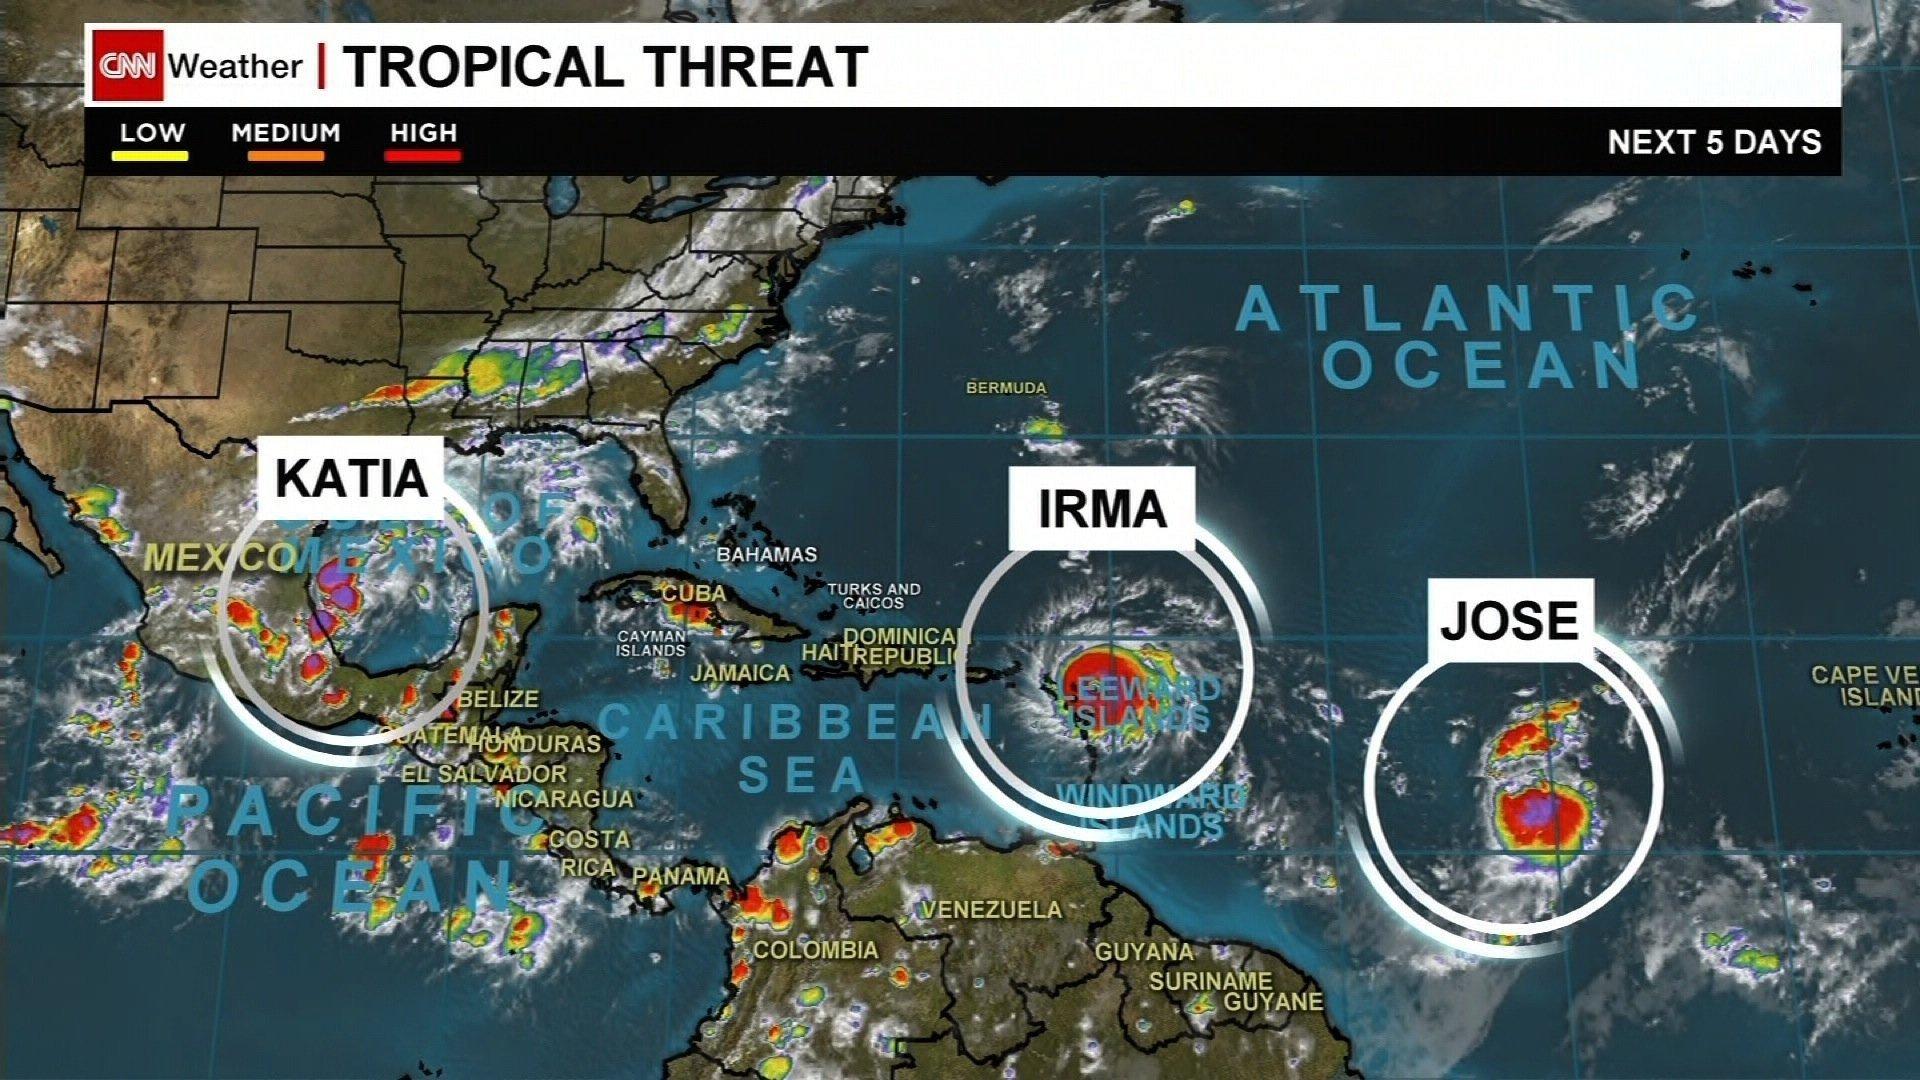 Toronto hydro crews en route to Florida in wake of Irma